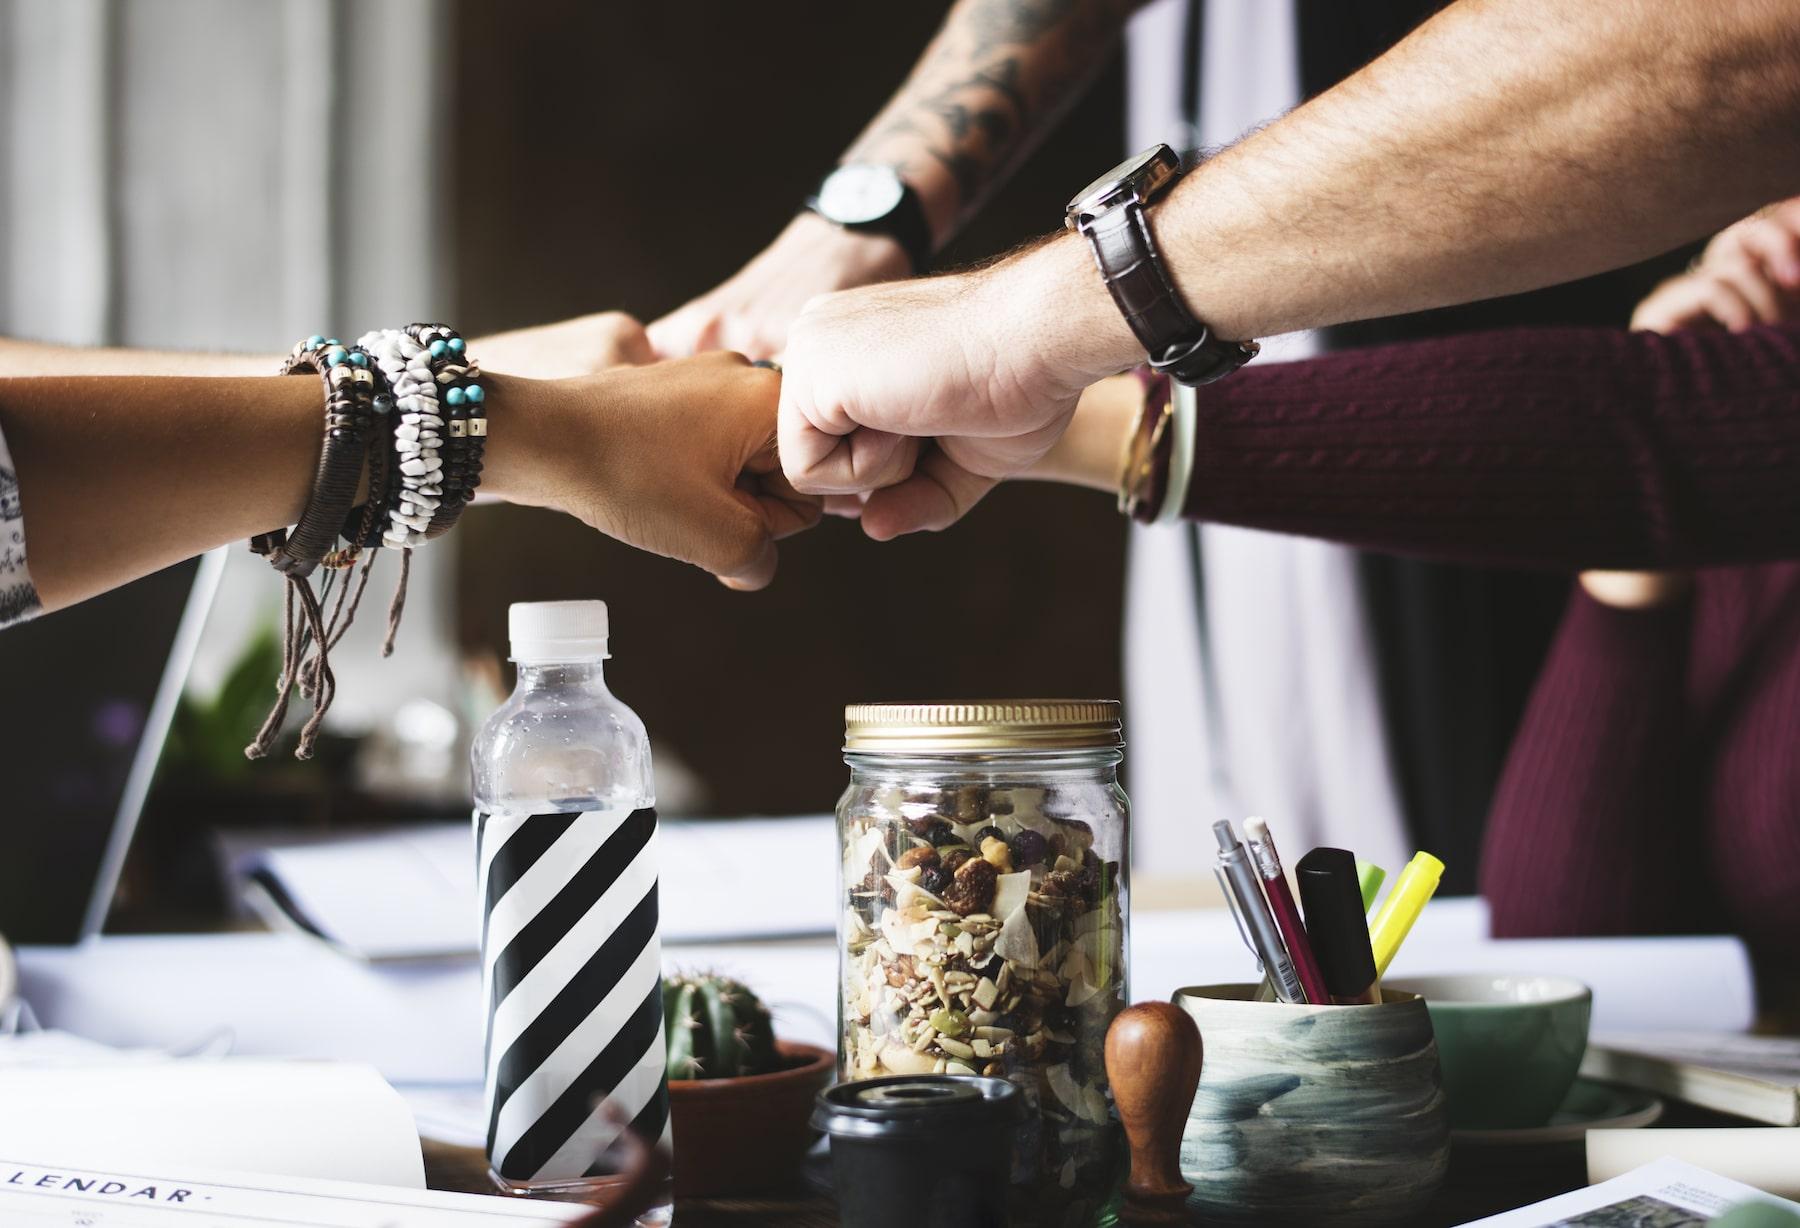 #Menschen, die immer nur #negativ denken, bremsen deinen #Erfolg. Merke dir: Die 5 Menschen, mit denen du am meisten Zeit verbringst, die prägen dich !! Du bist der Durchschnitt deiner 5 engsten Mitmenschen. Wähle sie mit Bedacht. Um frei zu sein und zu fliegen, musst du negative Menschen aus deinem Umfeld verbannen. Sei nicht dasOpfer deines Umfelds! Umgebe dich mit #Gewinnern und lasse los! #Freunde